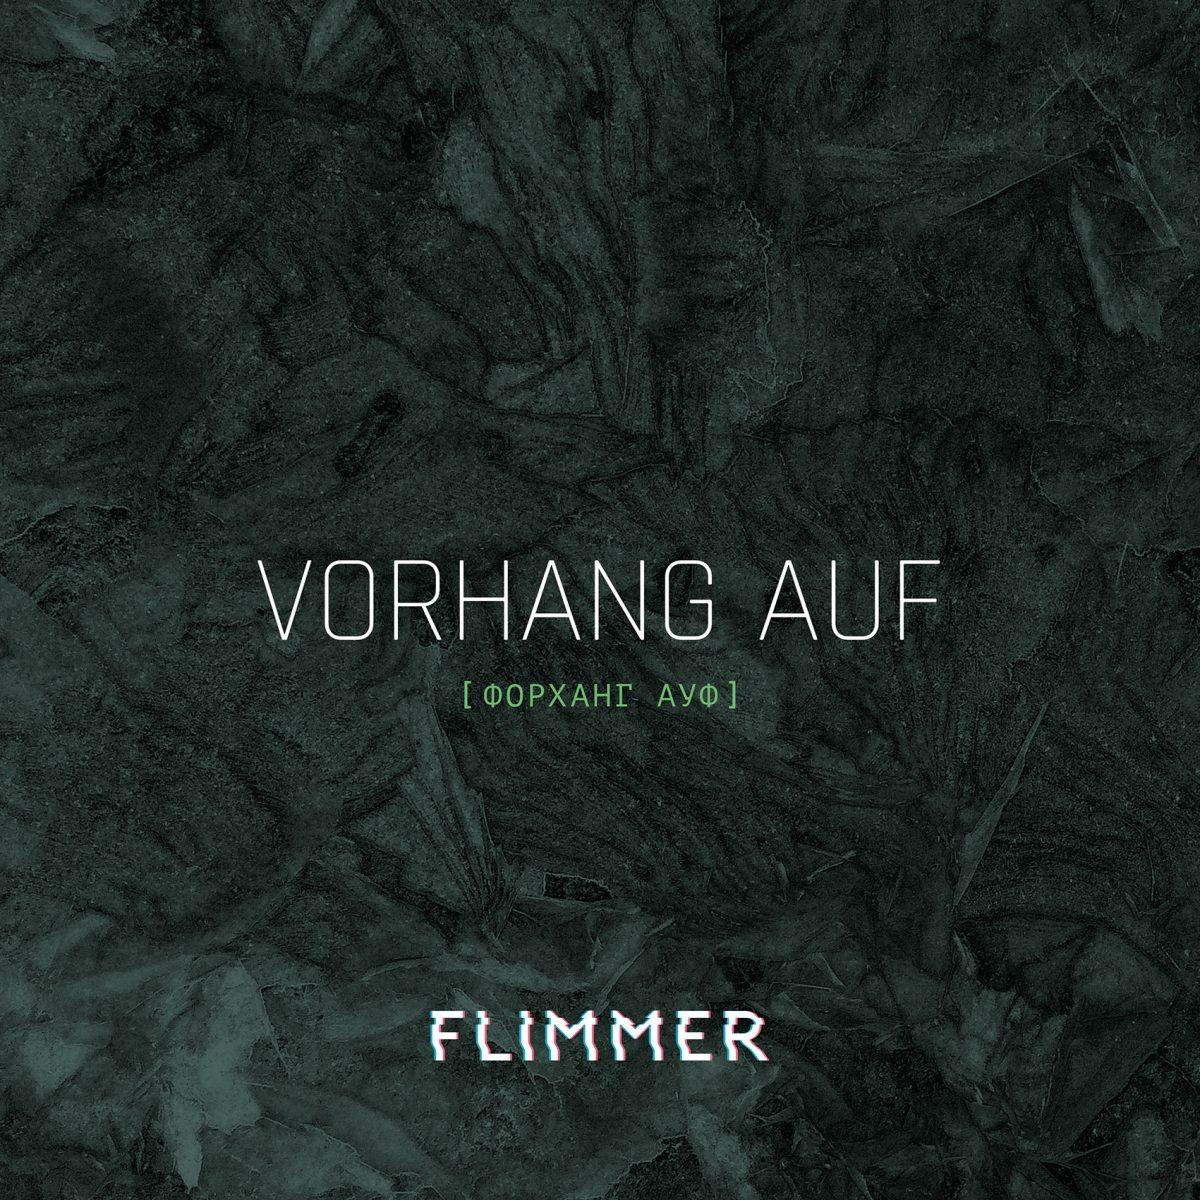 flimmer-vorhang-auf-video-premiere